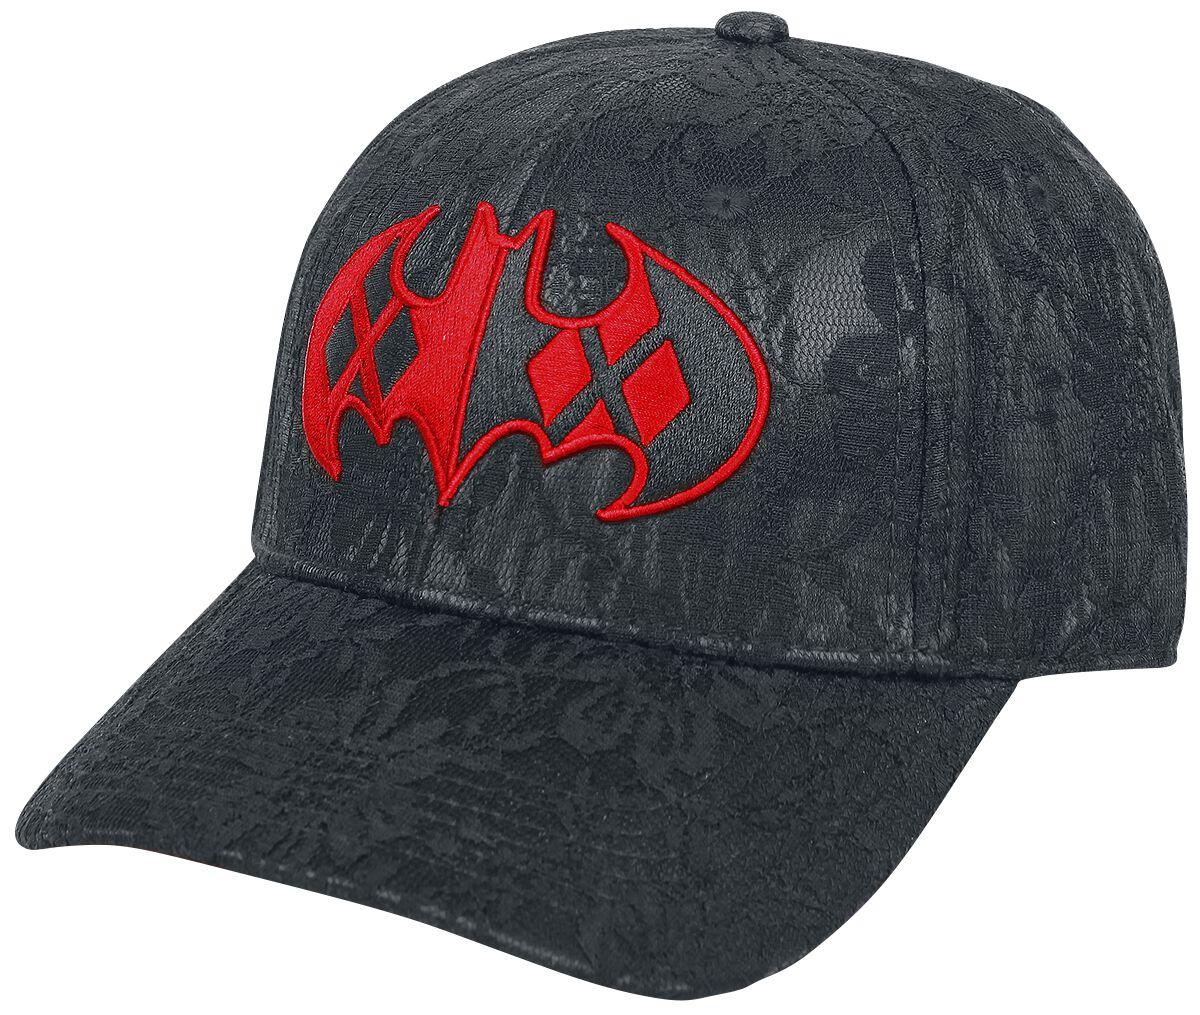 Merch dla Fanów - Czapki i Kapelusze - Czapka baseballowa Harley Quinn Batman Logo Czapka baseballowa czarny/czerwony - 355125